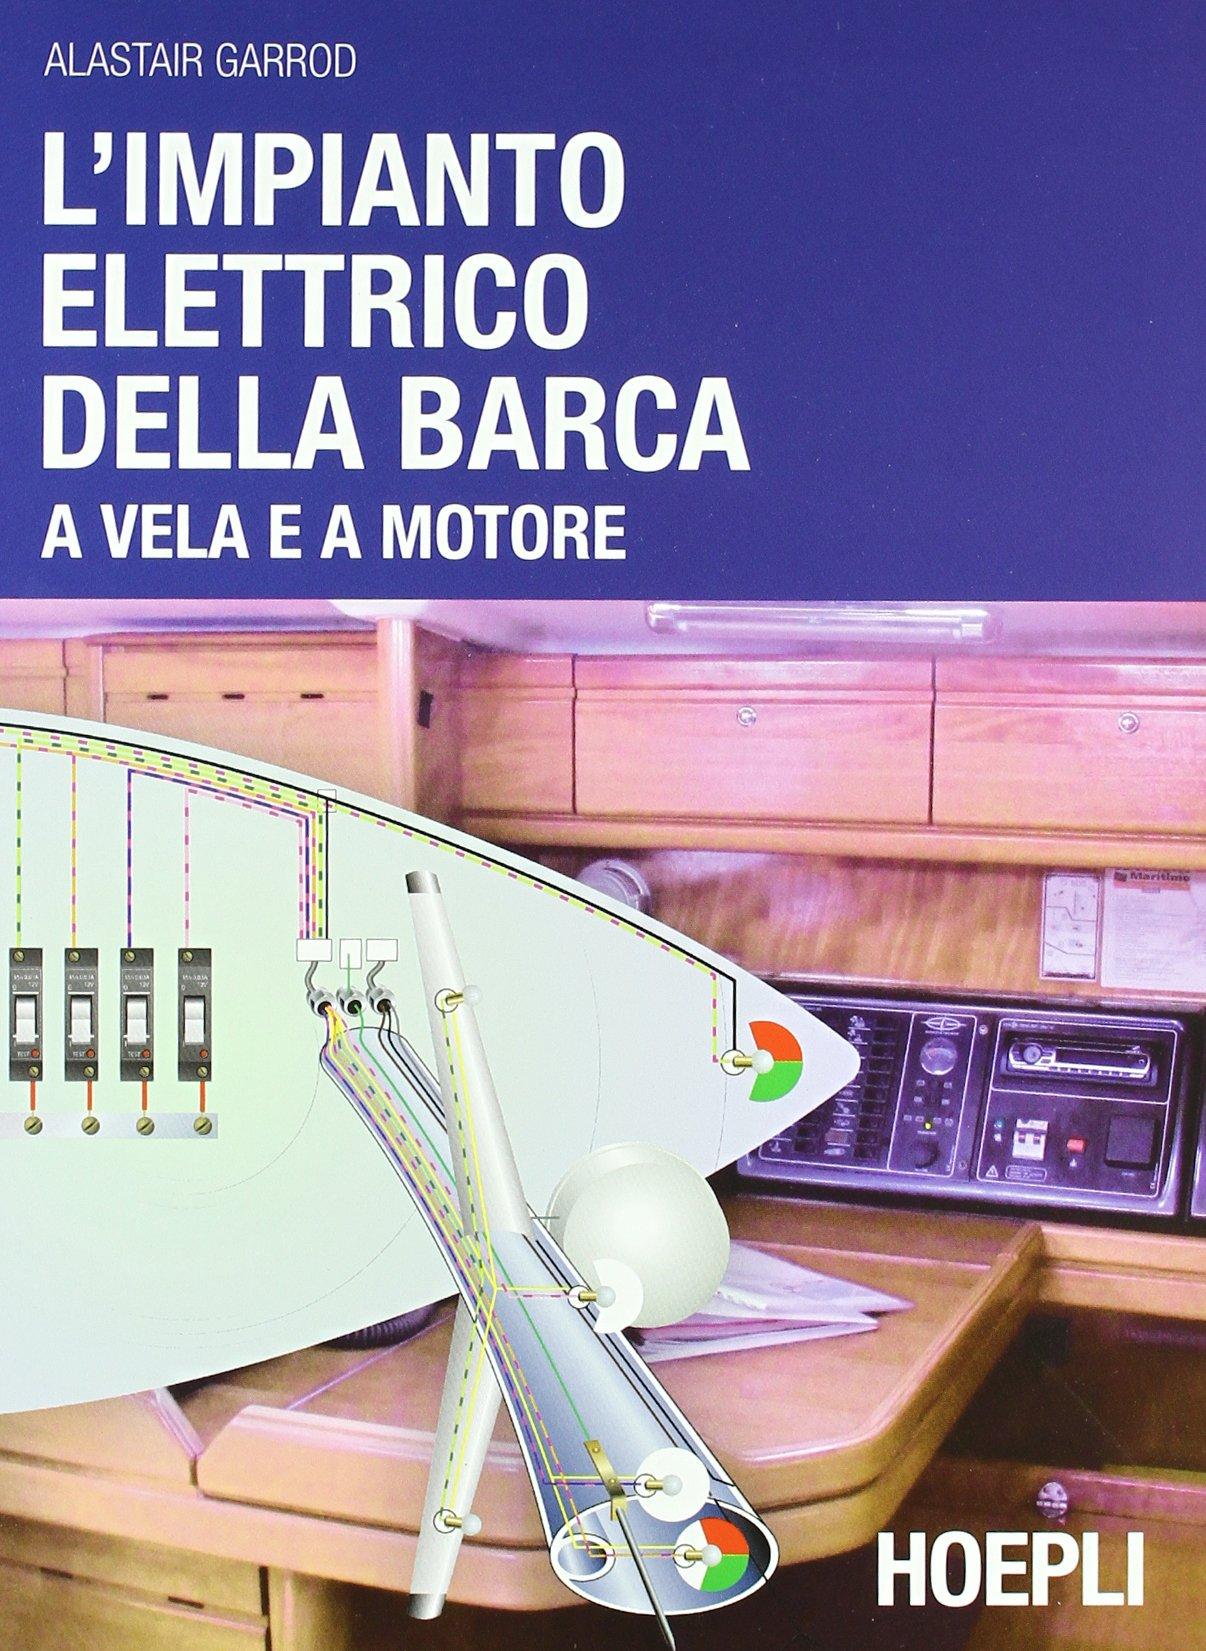 Schema Elettrico Barca : Amazon l impianto elettrico della barca a vela e a motore